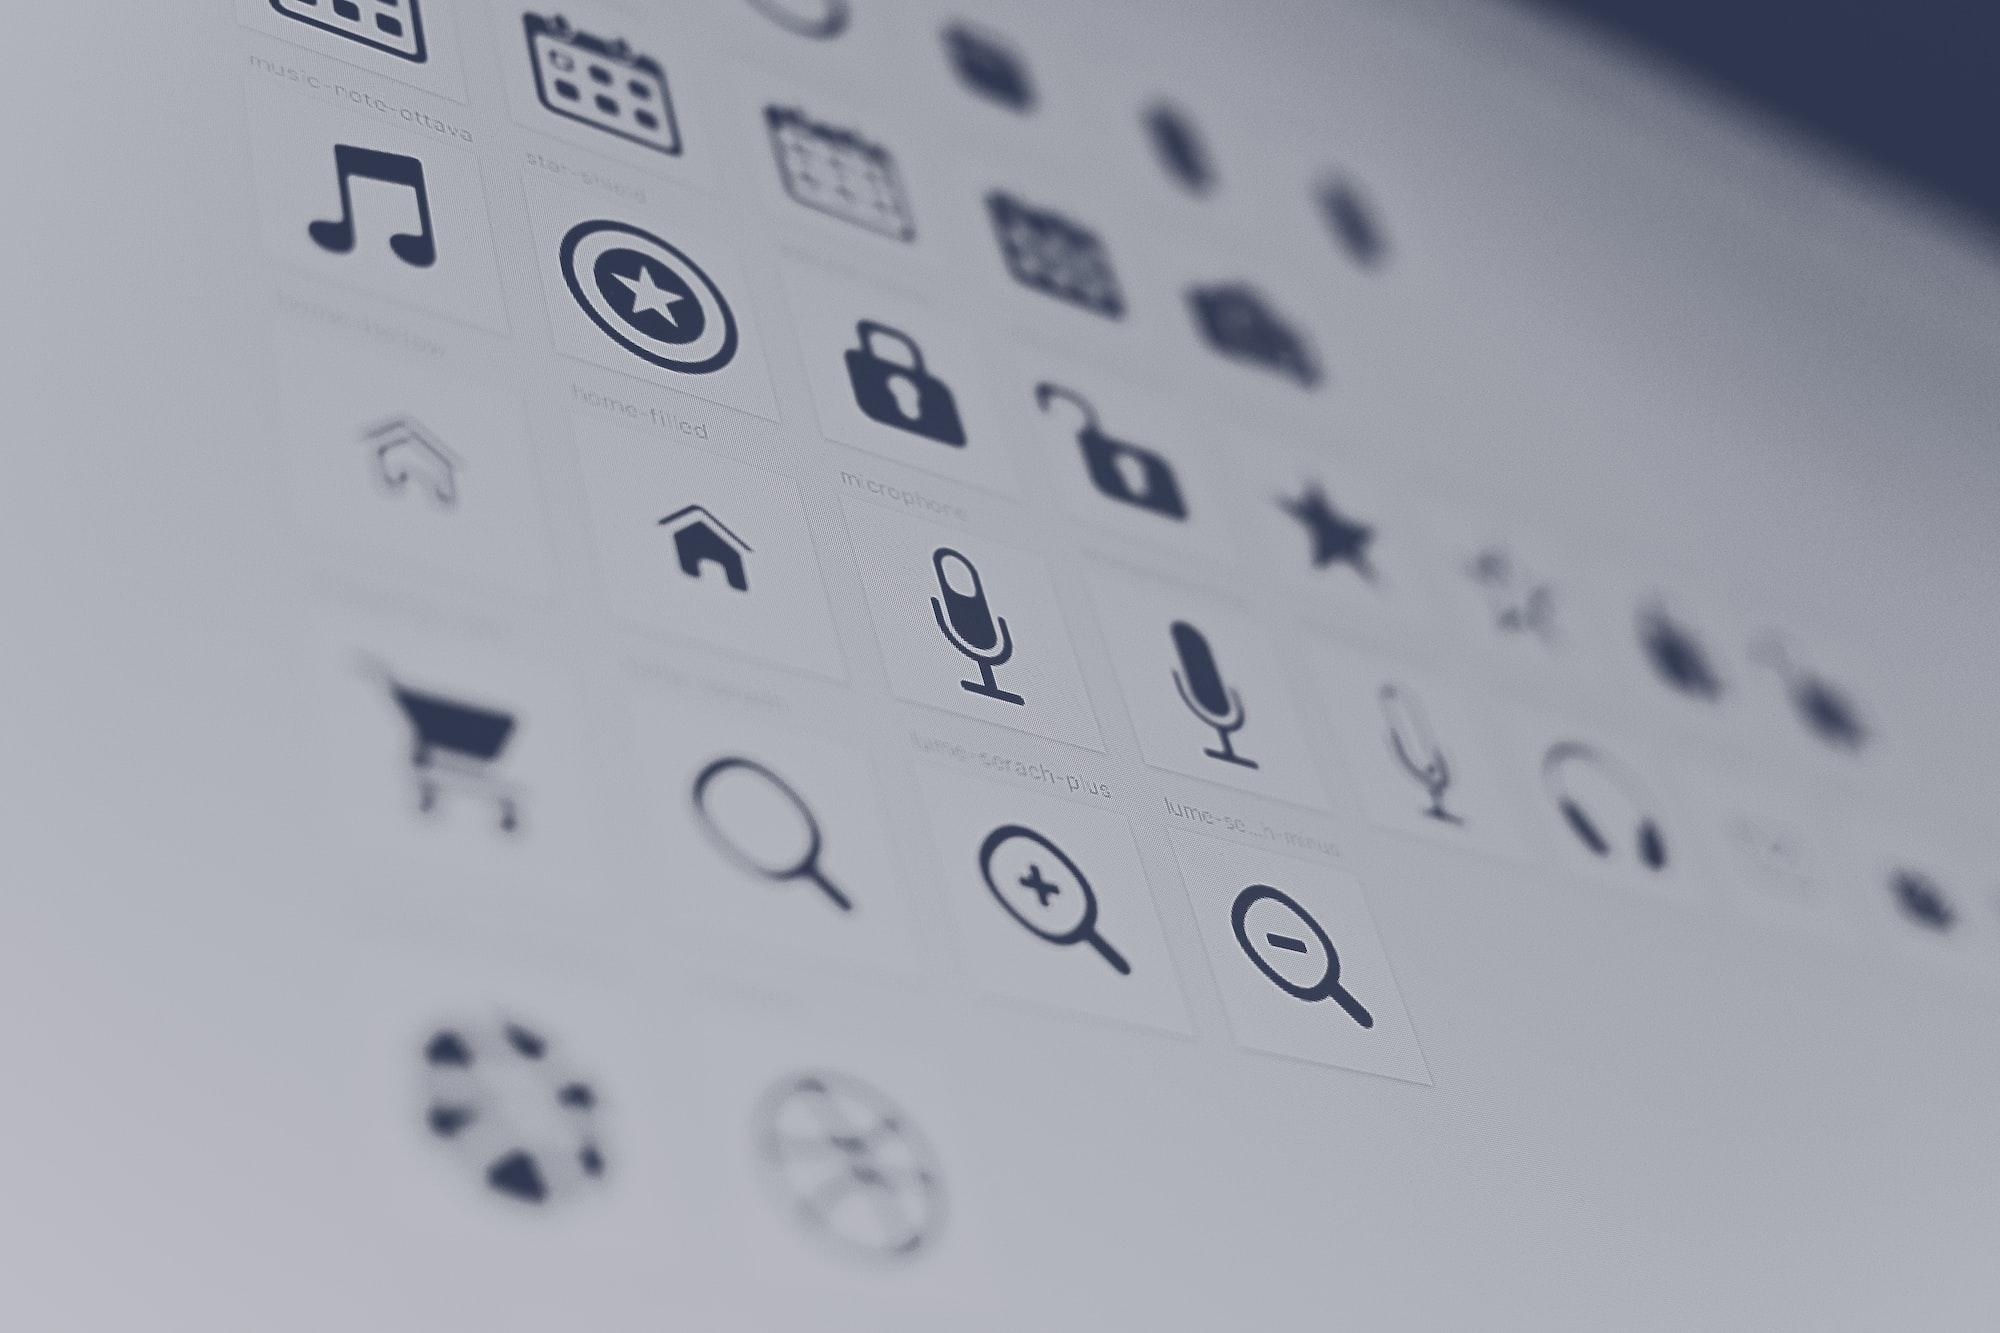 UX/UI Product Designer